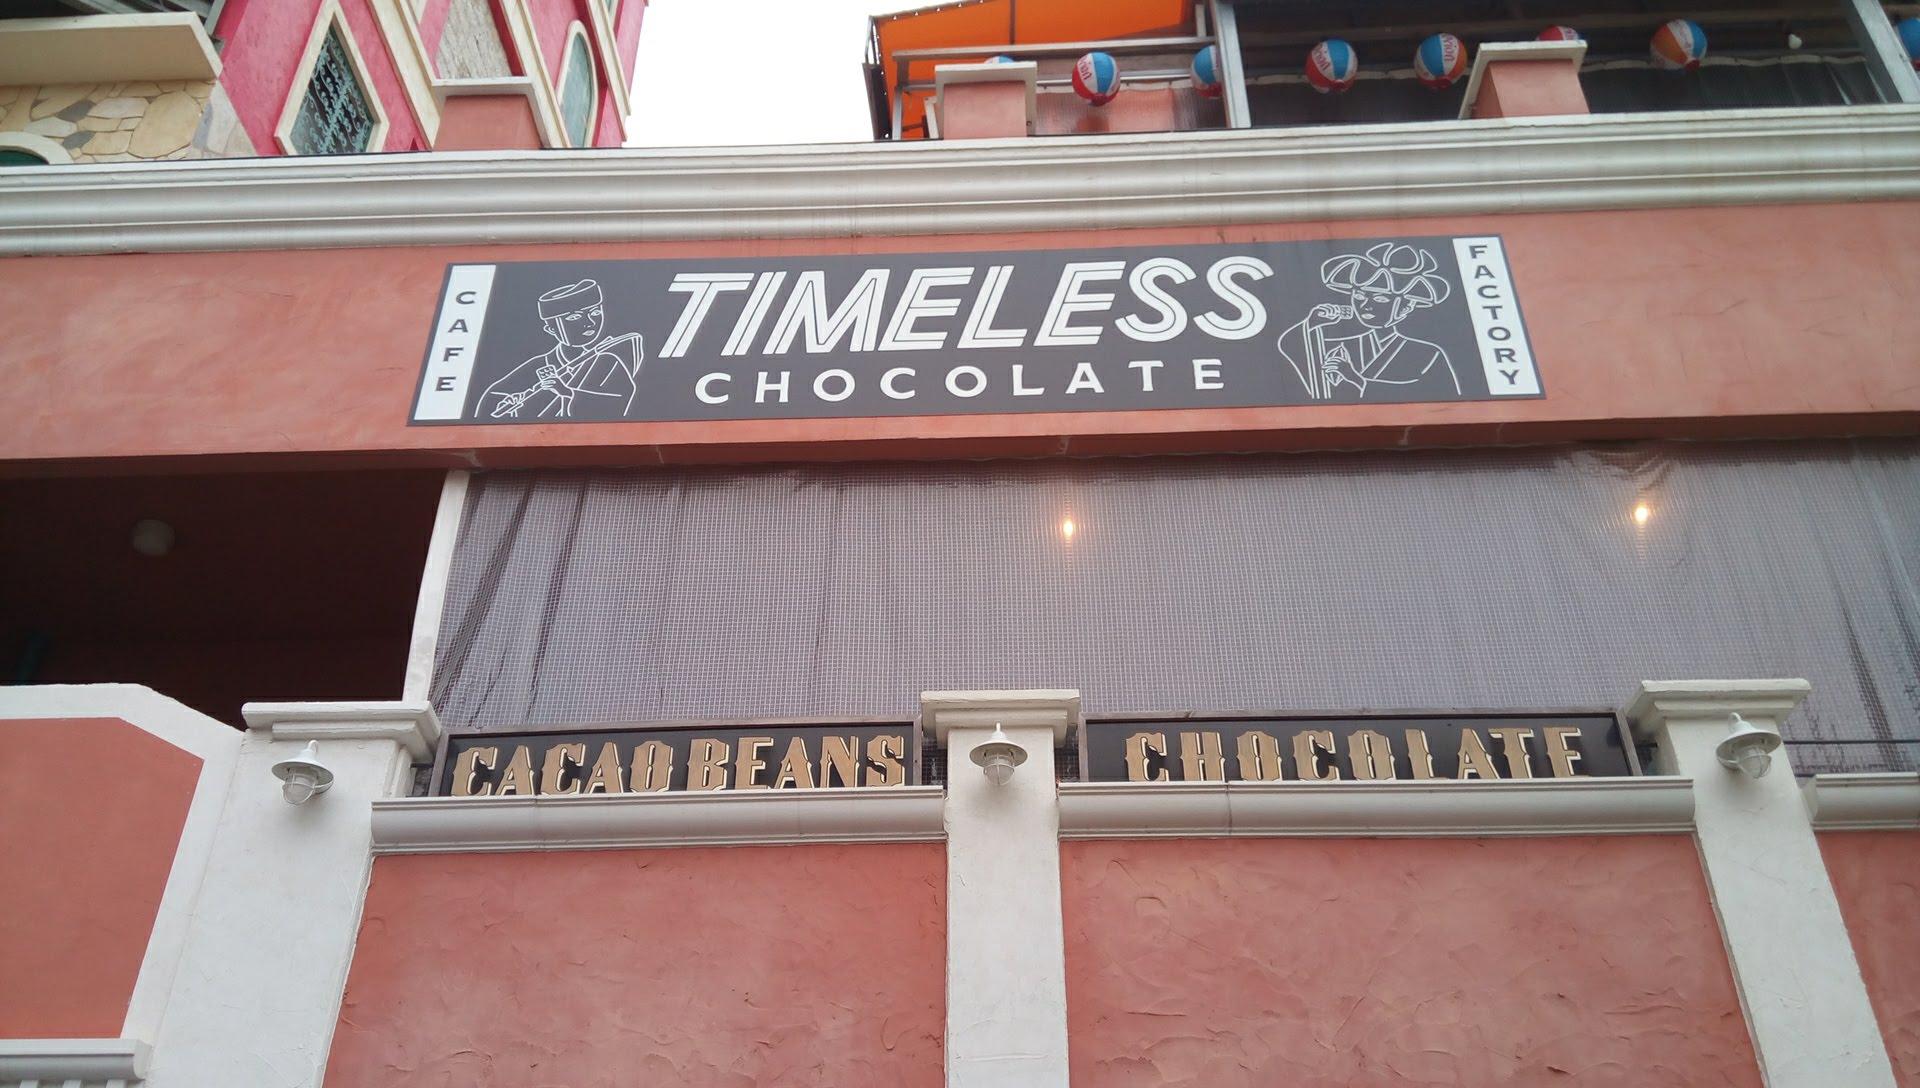 北谷美浜アメリカンビレッジで買えるおススメの沖縄土産がTIMELESS CHOCOLATE